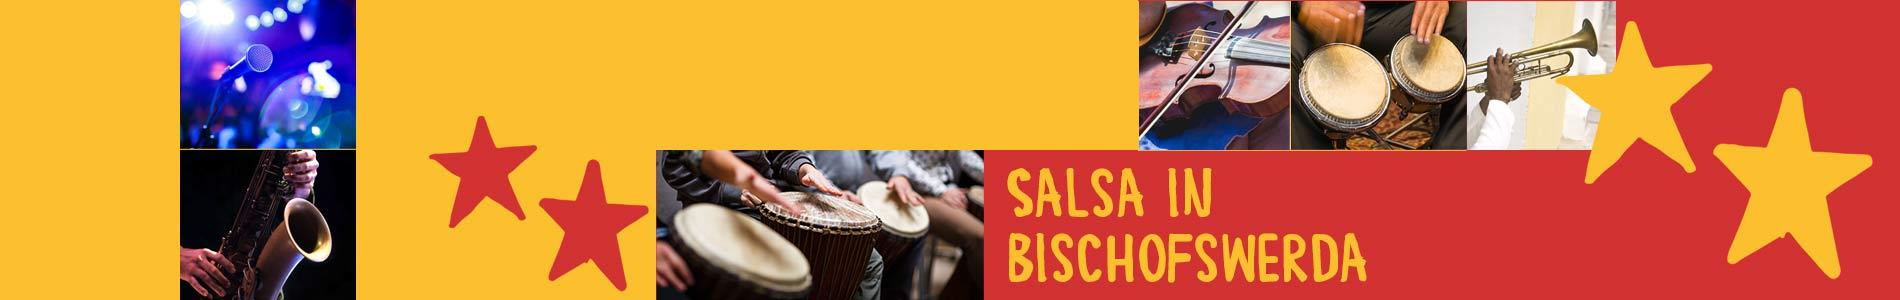 Salsa in Bischofswerda – Salsa lernen und tanzen, Tanzkurse, Partys, Veranstaltungen